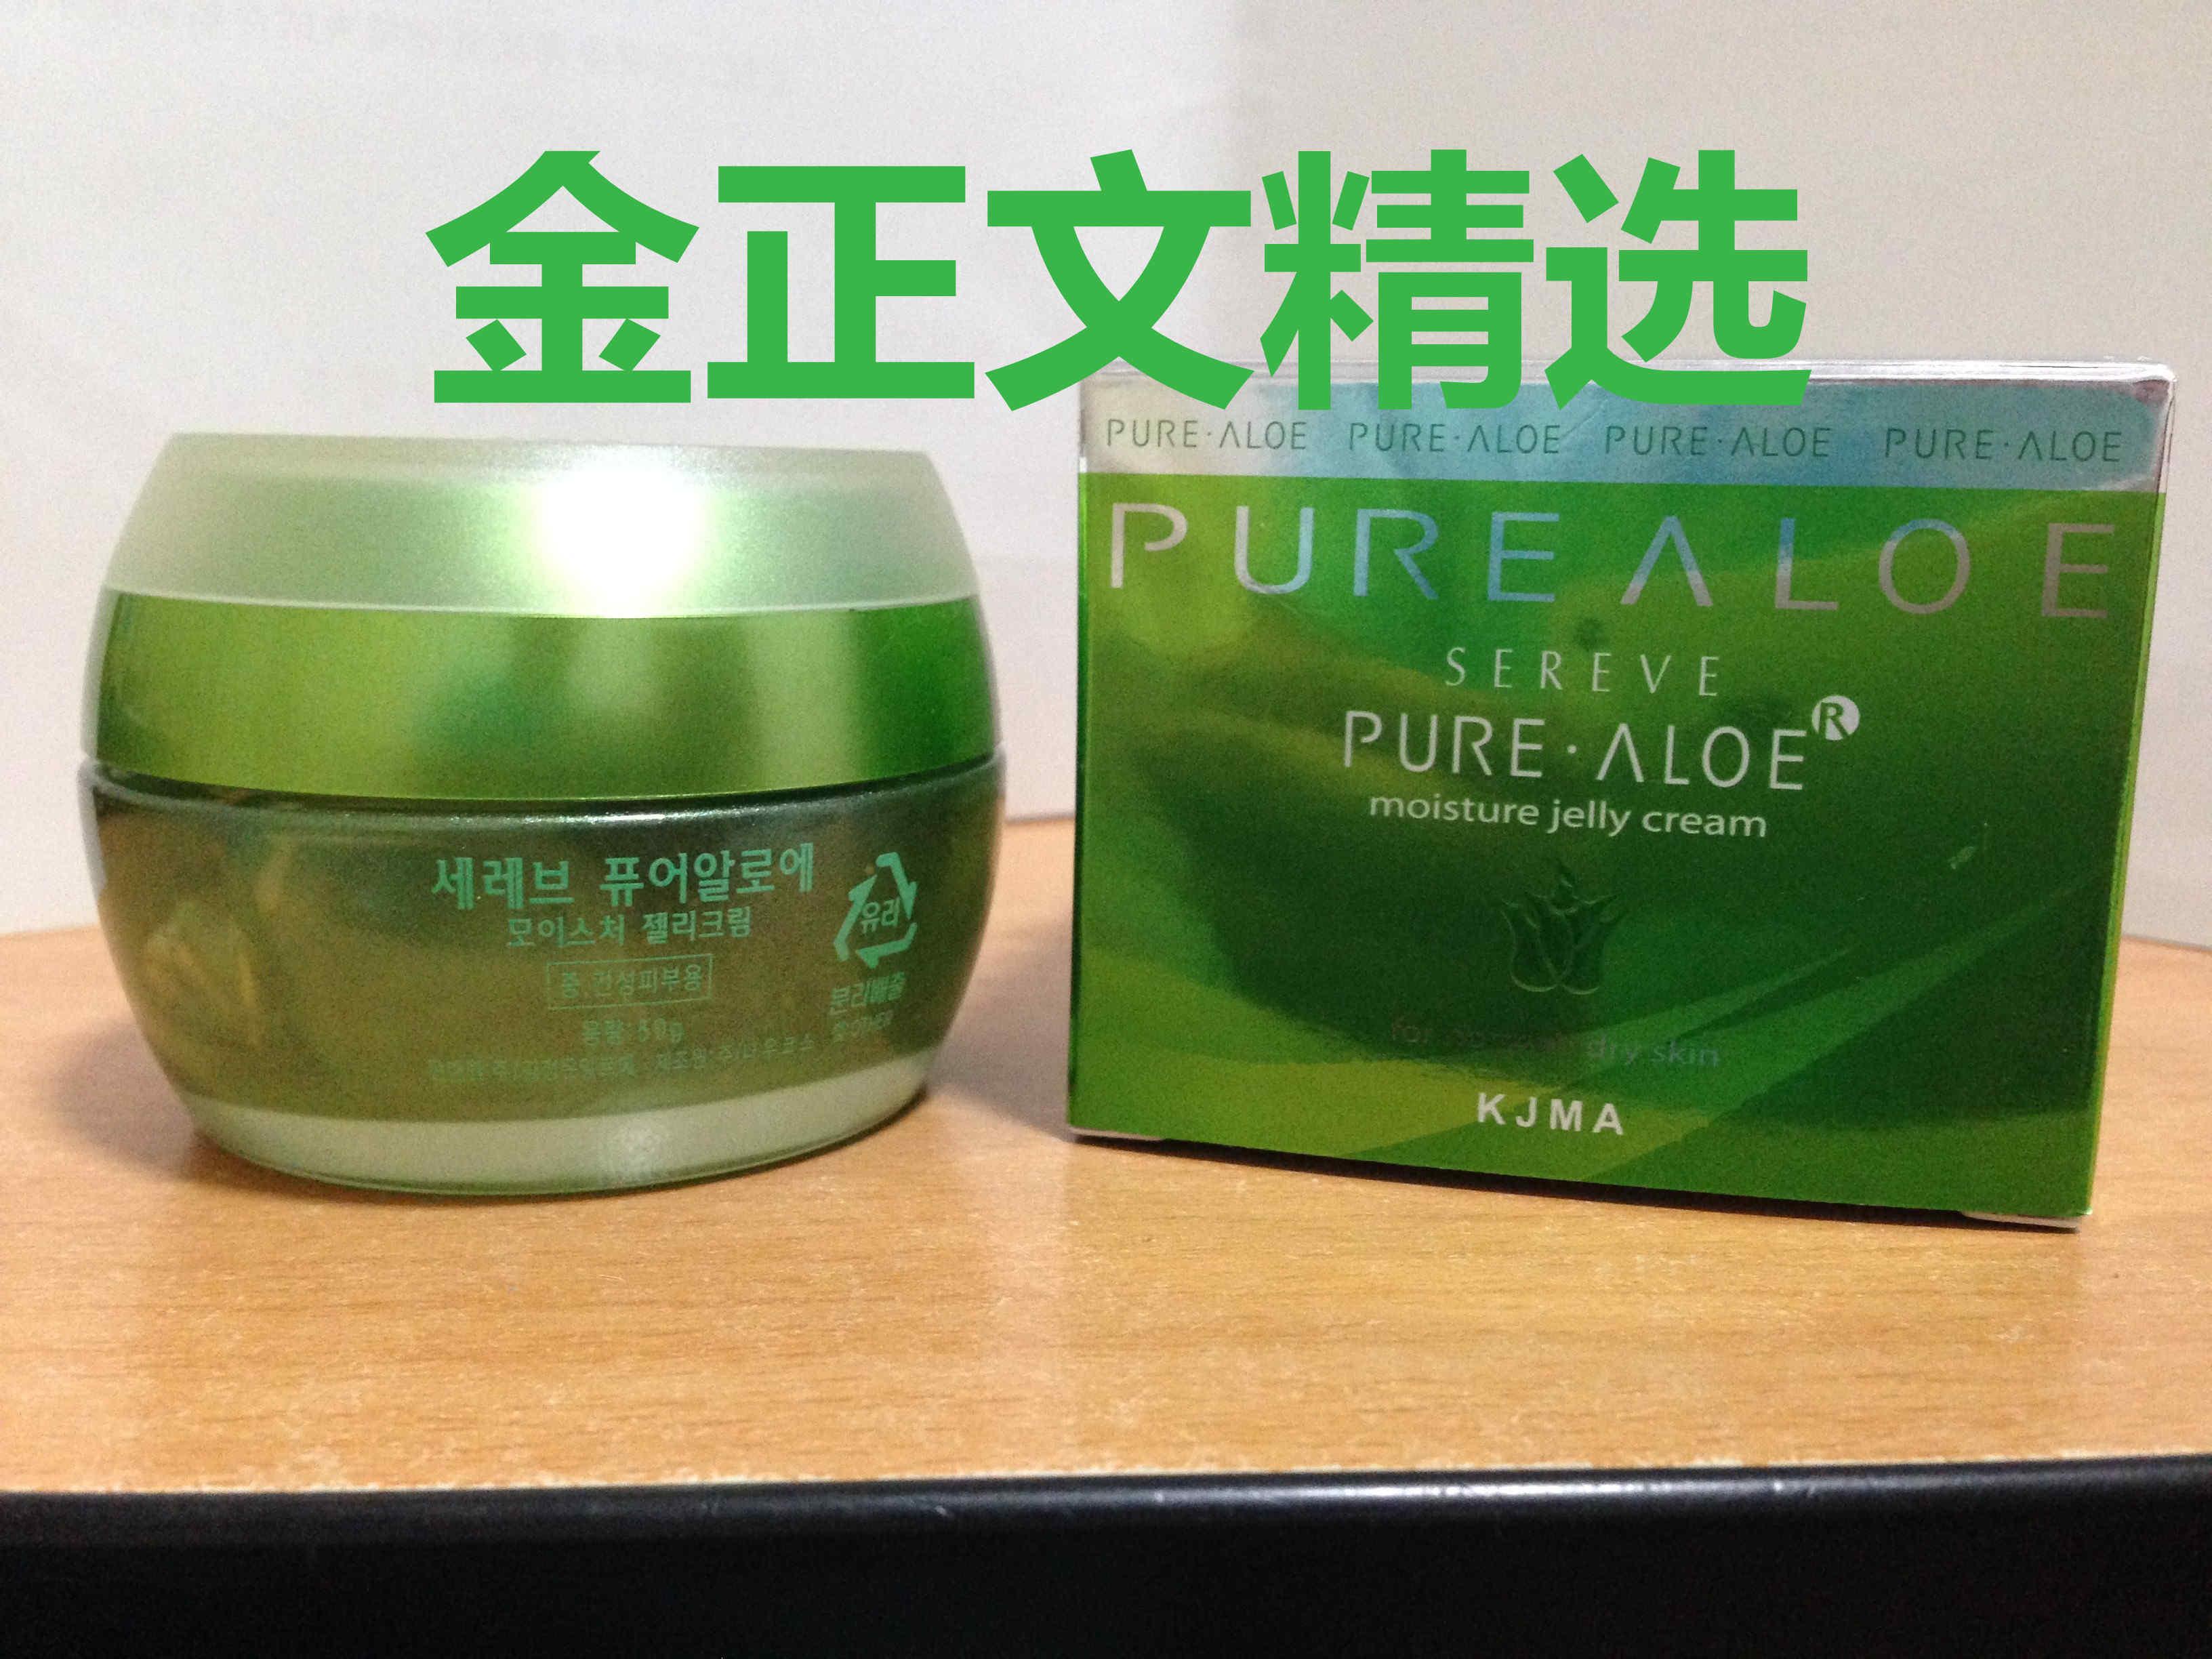 [金正文 Puro Cristallo di una nuova generazione di Aloe Vera gel] la Corea del Sud e l'IMPORTAZIONE Di Nuovo imballaggio